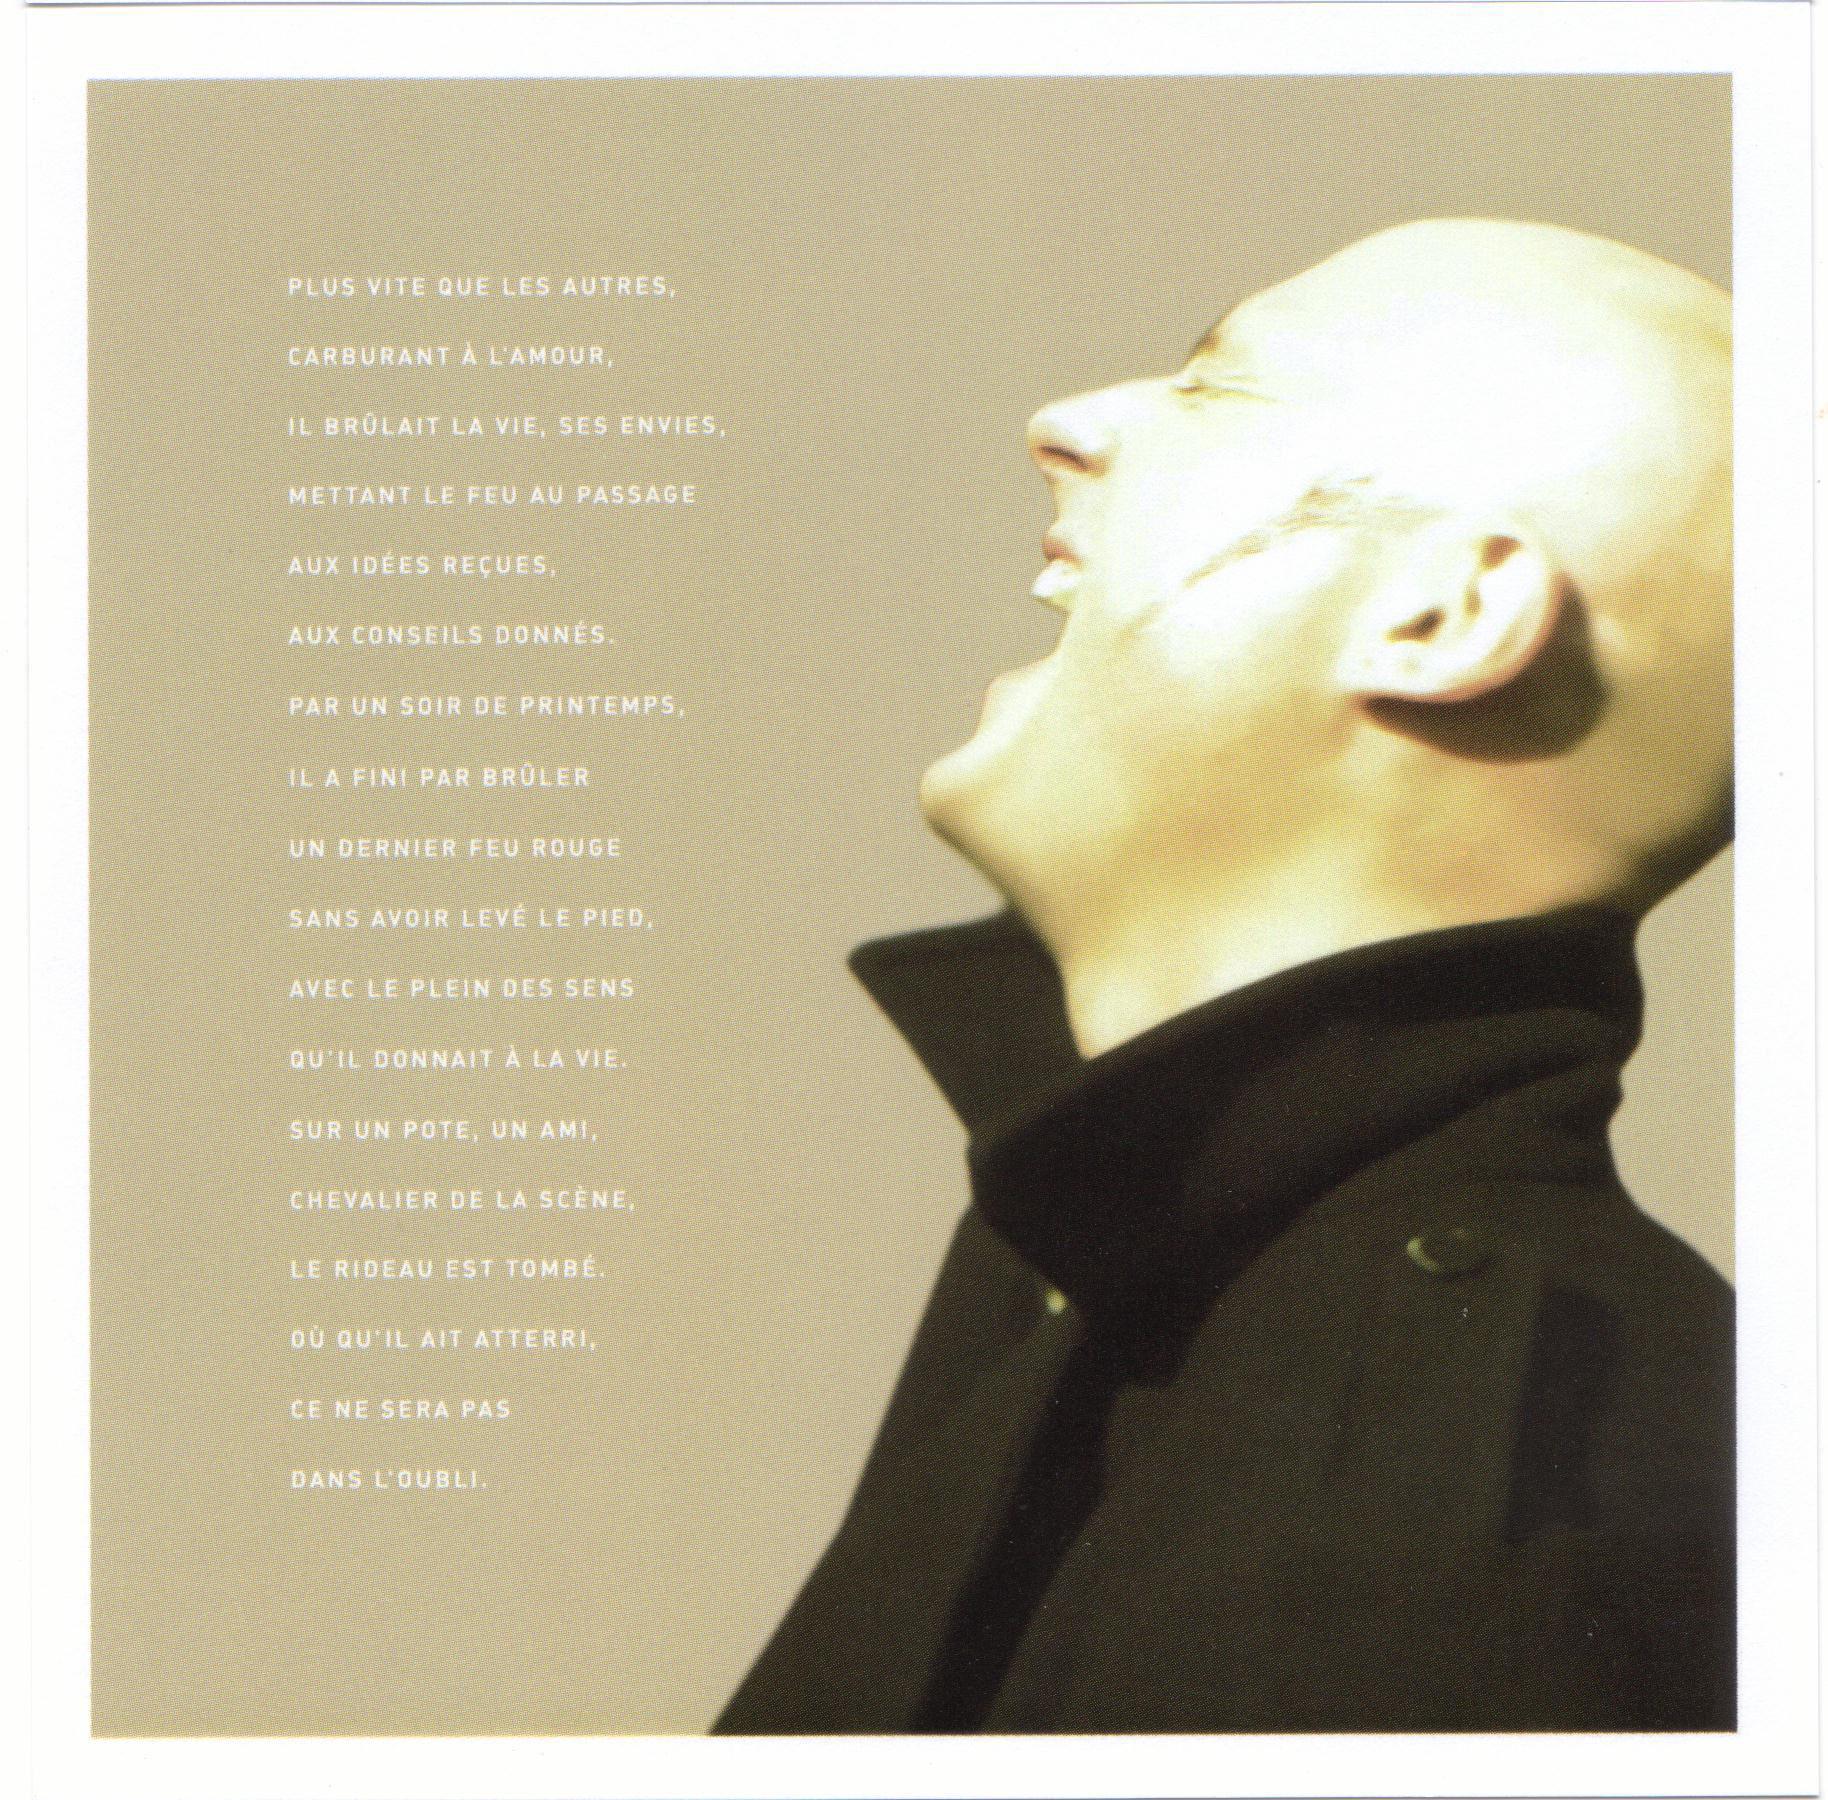 Jeff Bodart - La Vie D' Artiste